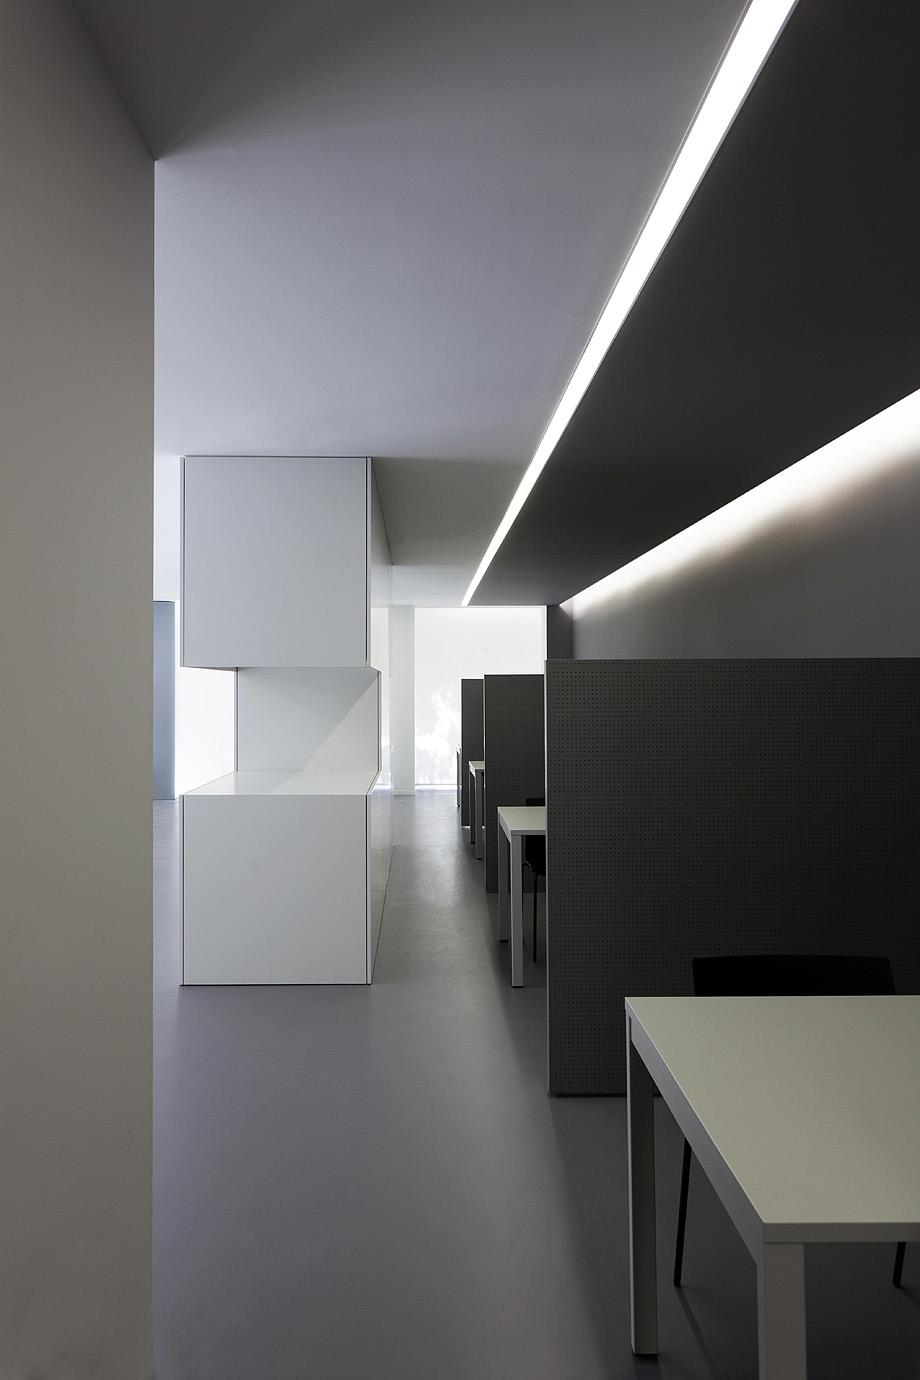 oficinas oav de fran silvestre arquitectos - foto diego opazo (24)